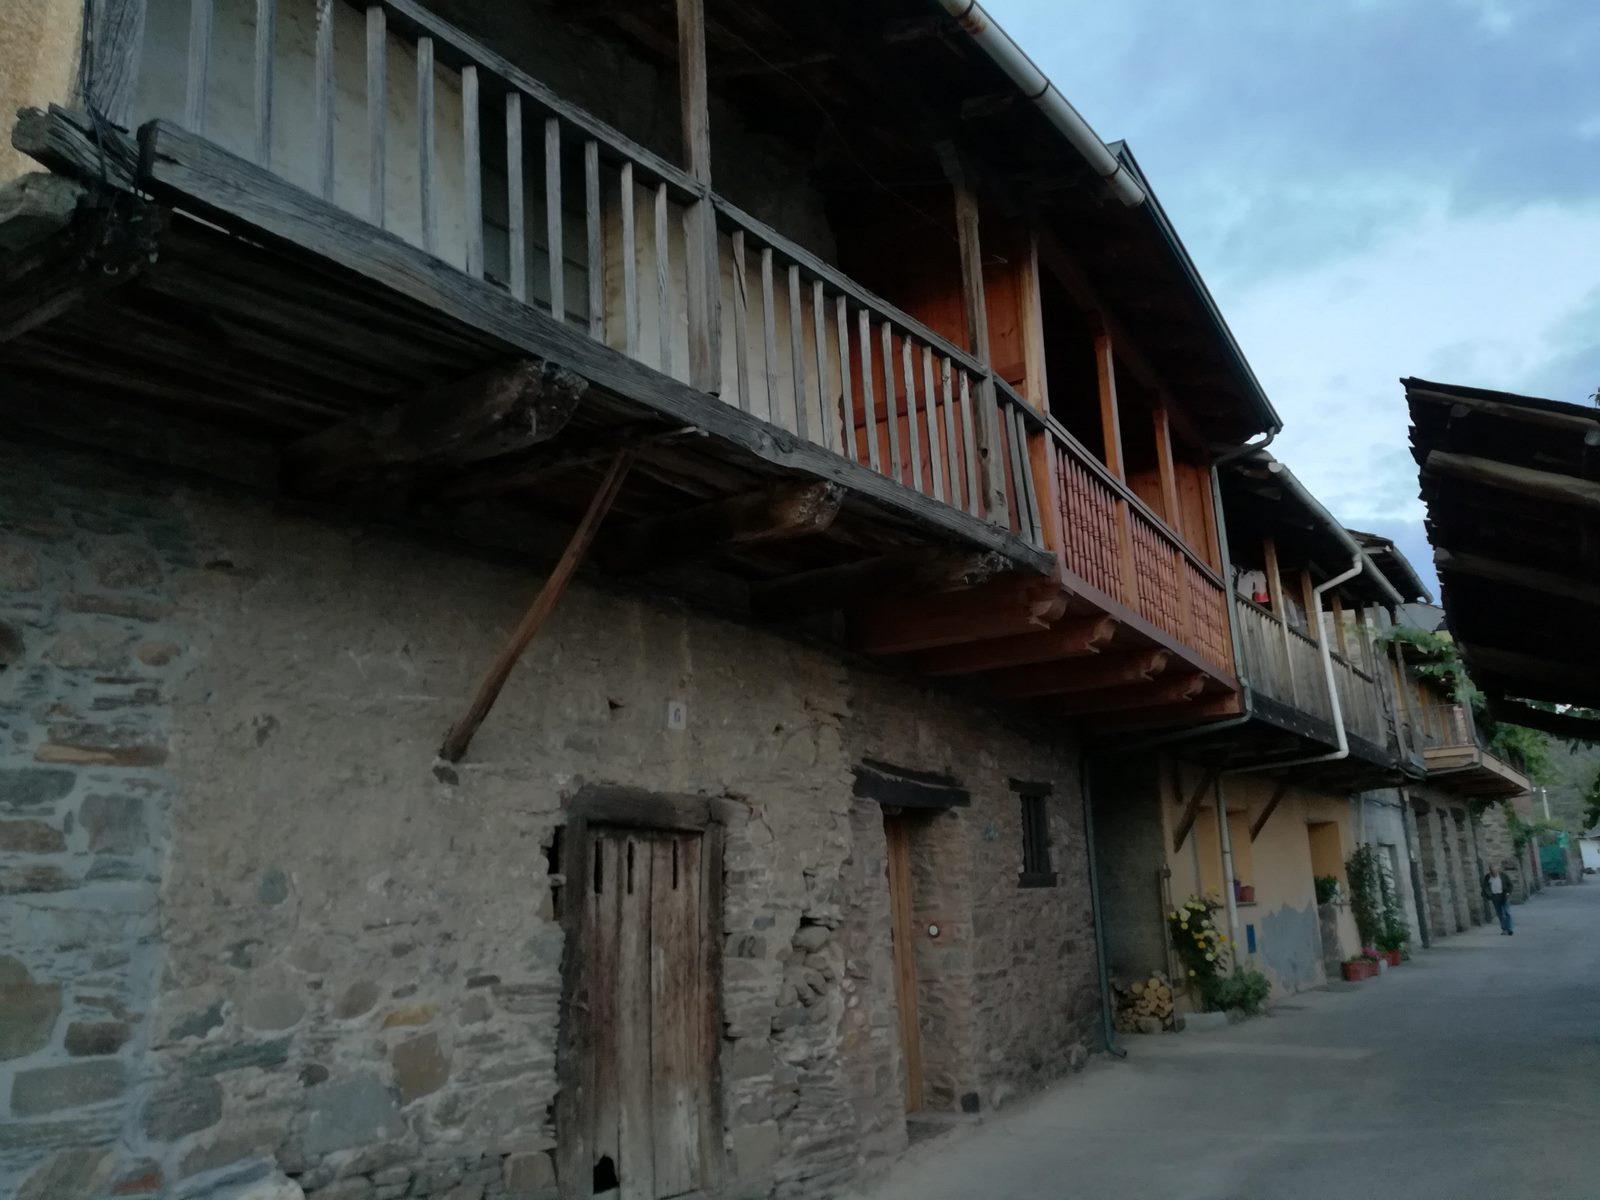 Alquiler vacacional en Toral de Merayo, León